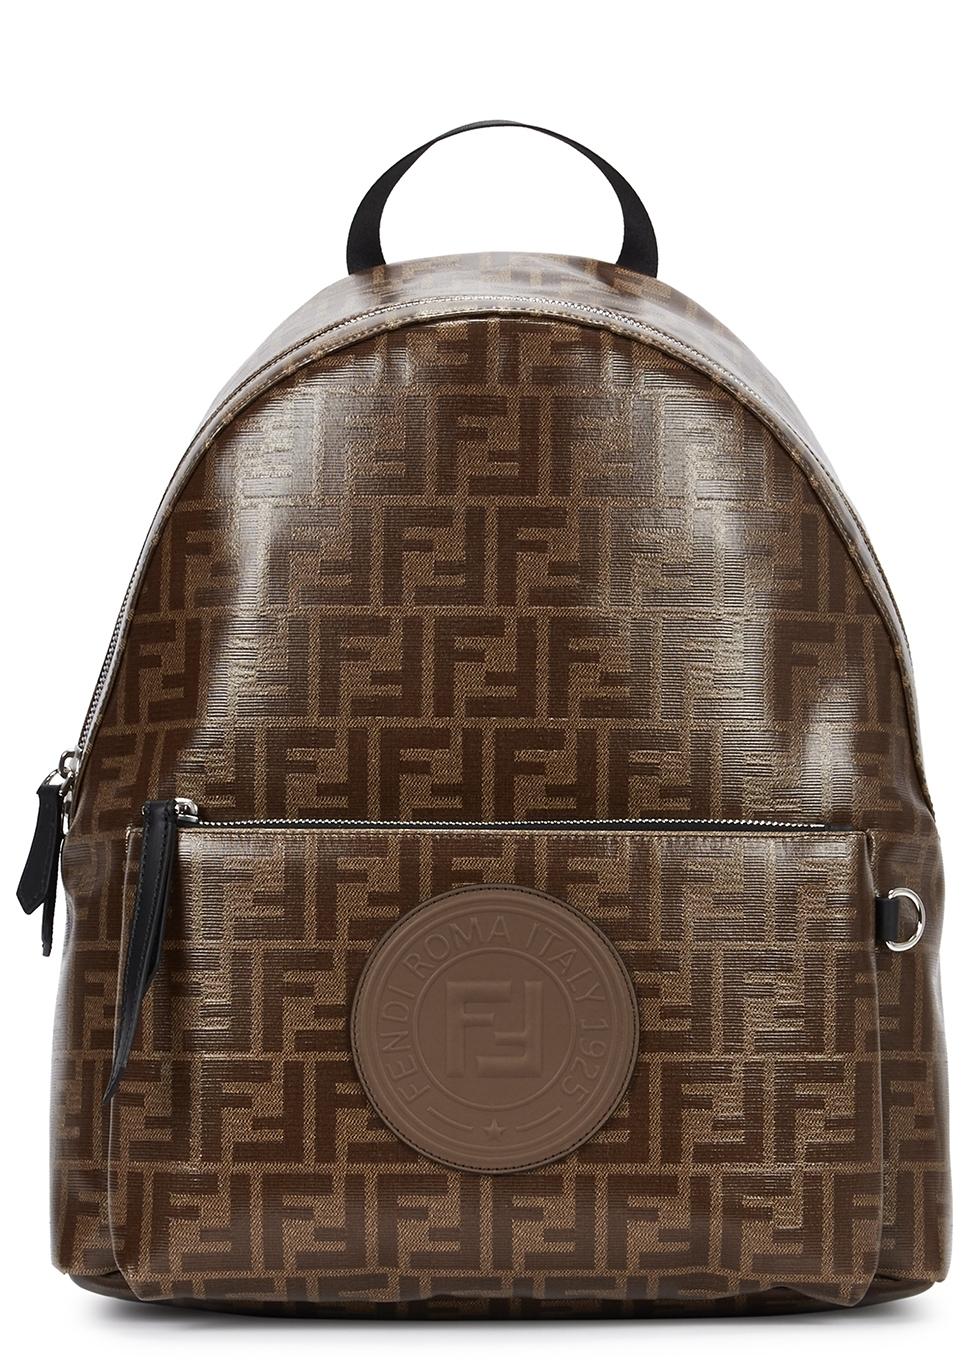 1c374bd3bd44 Designer Man Bags